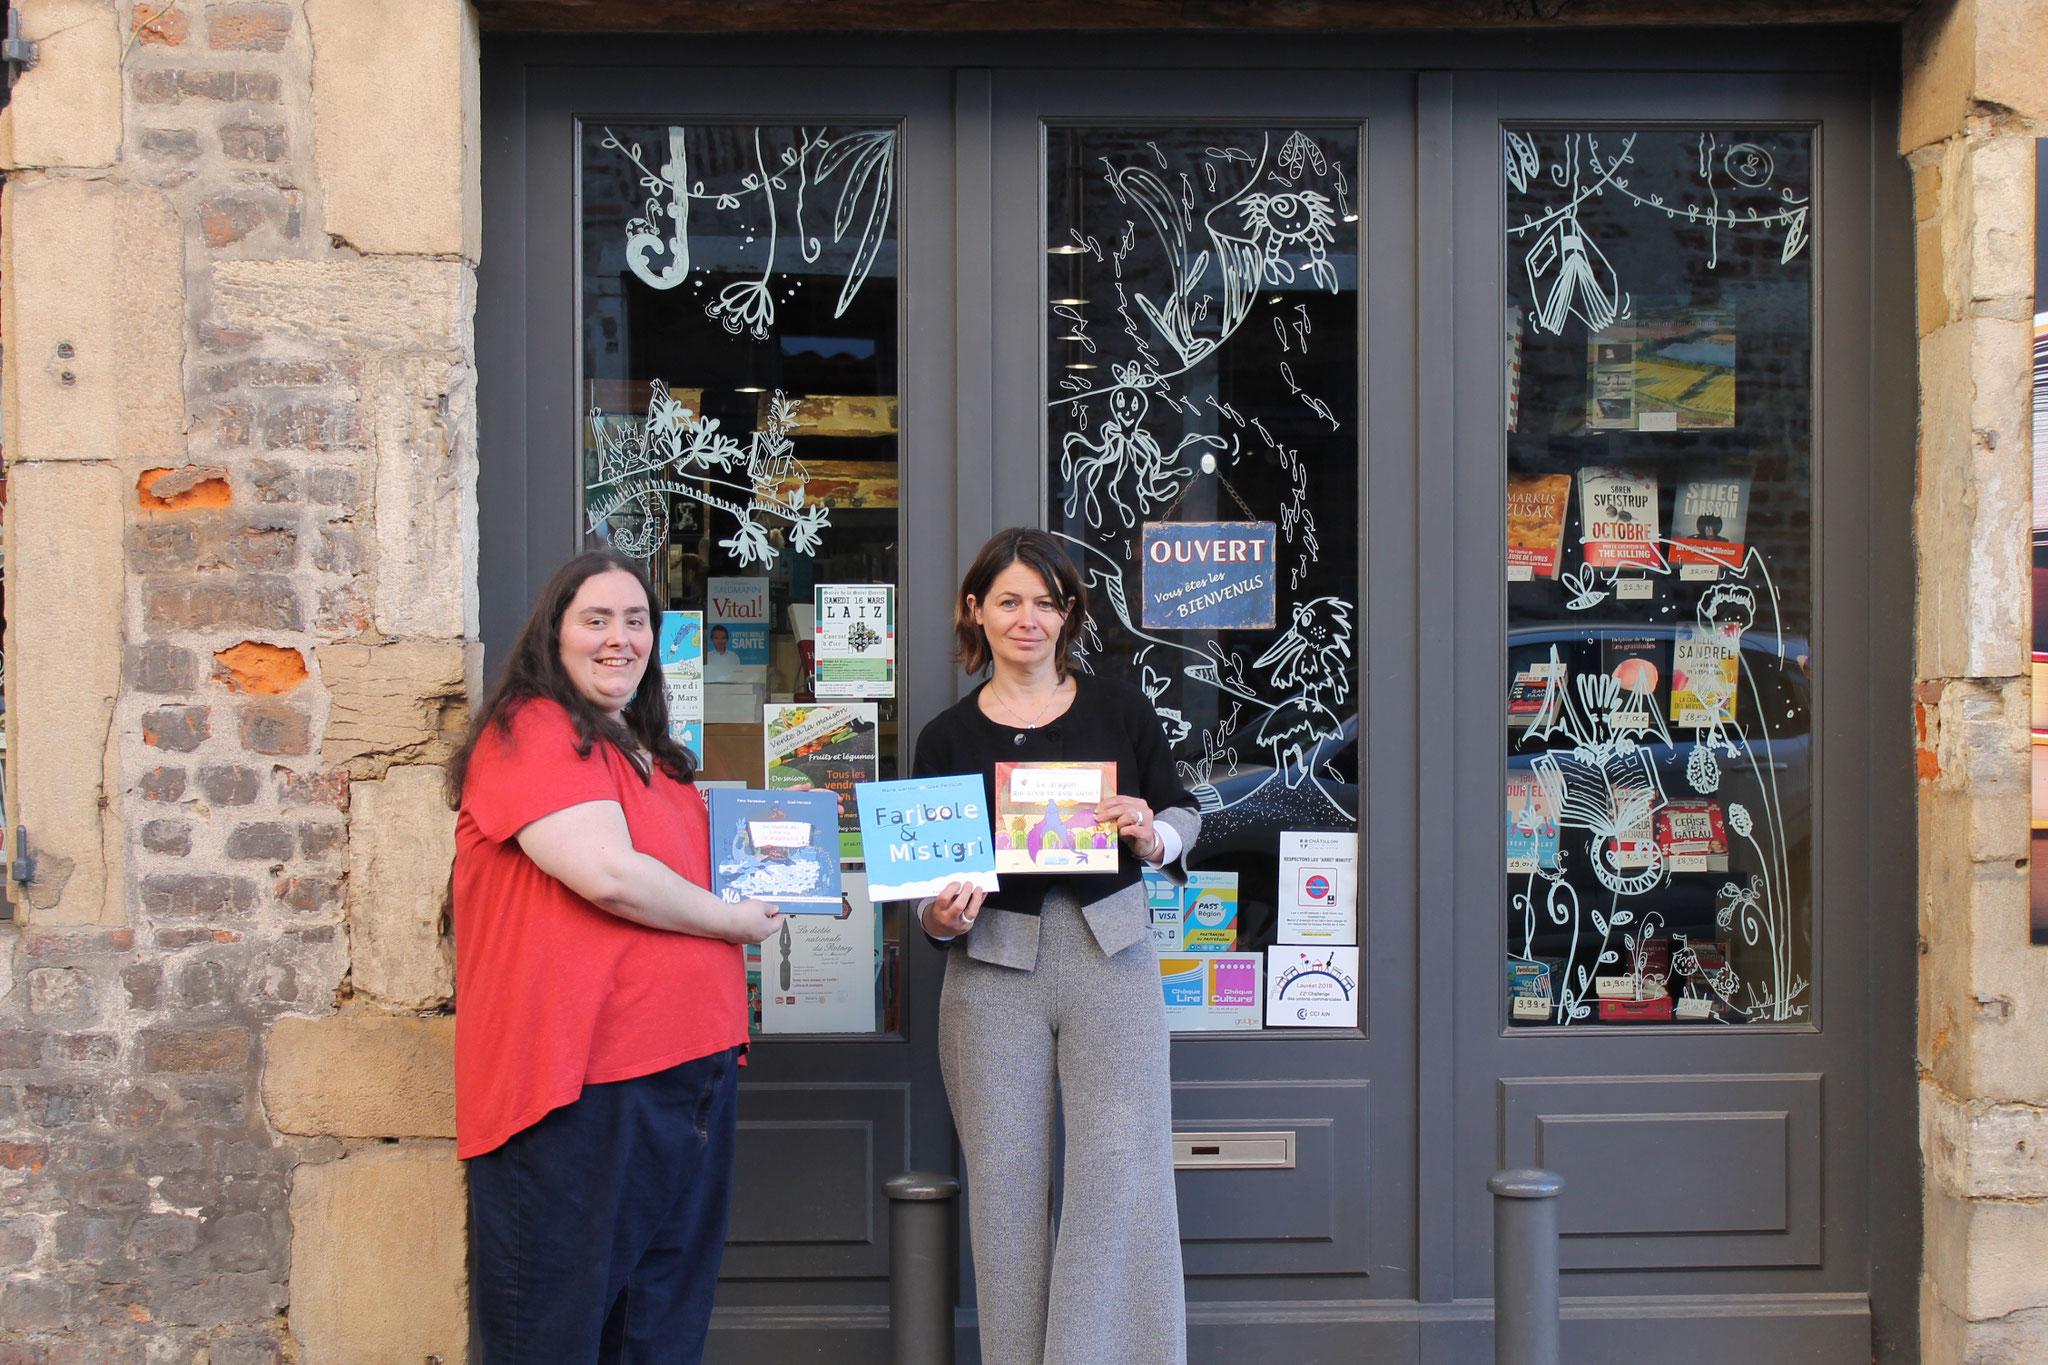 Les livres de l'illustratrice Cloé Perrotin à la Librairie La Nouvelle Page